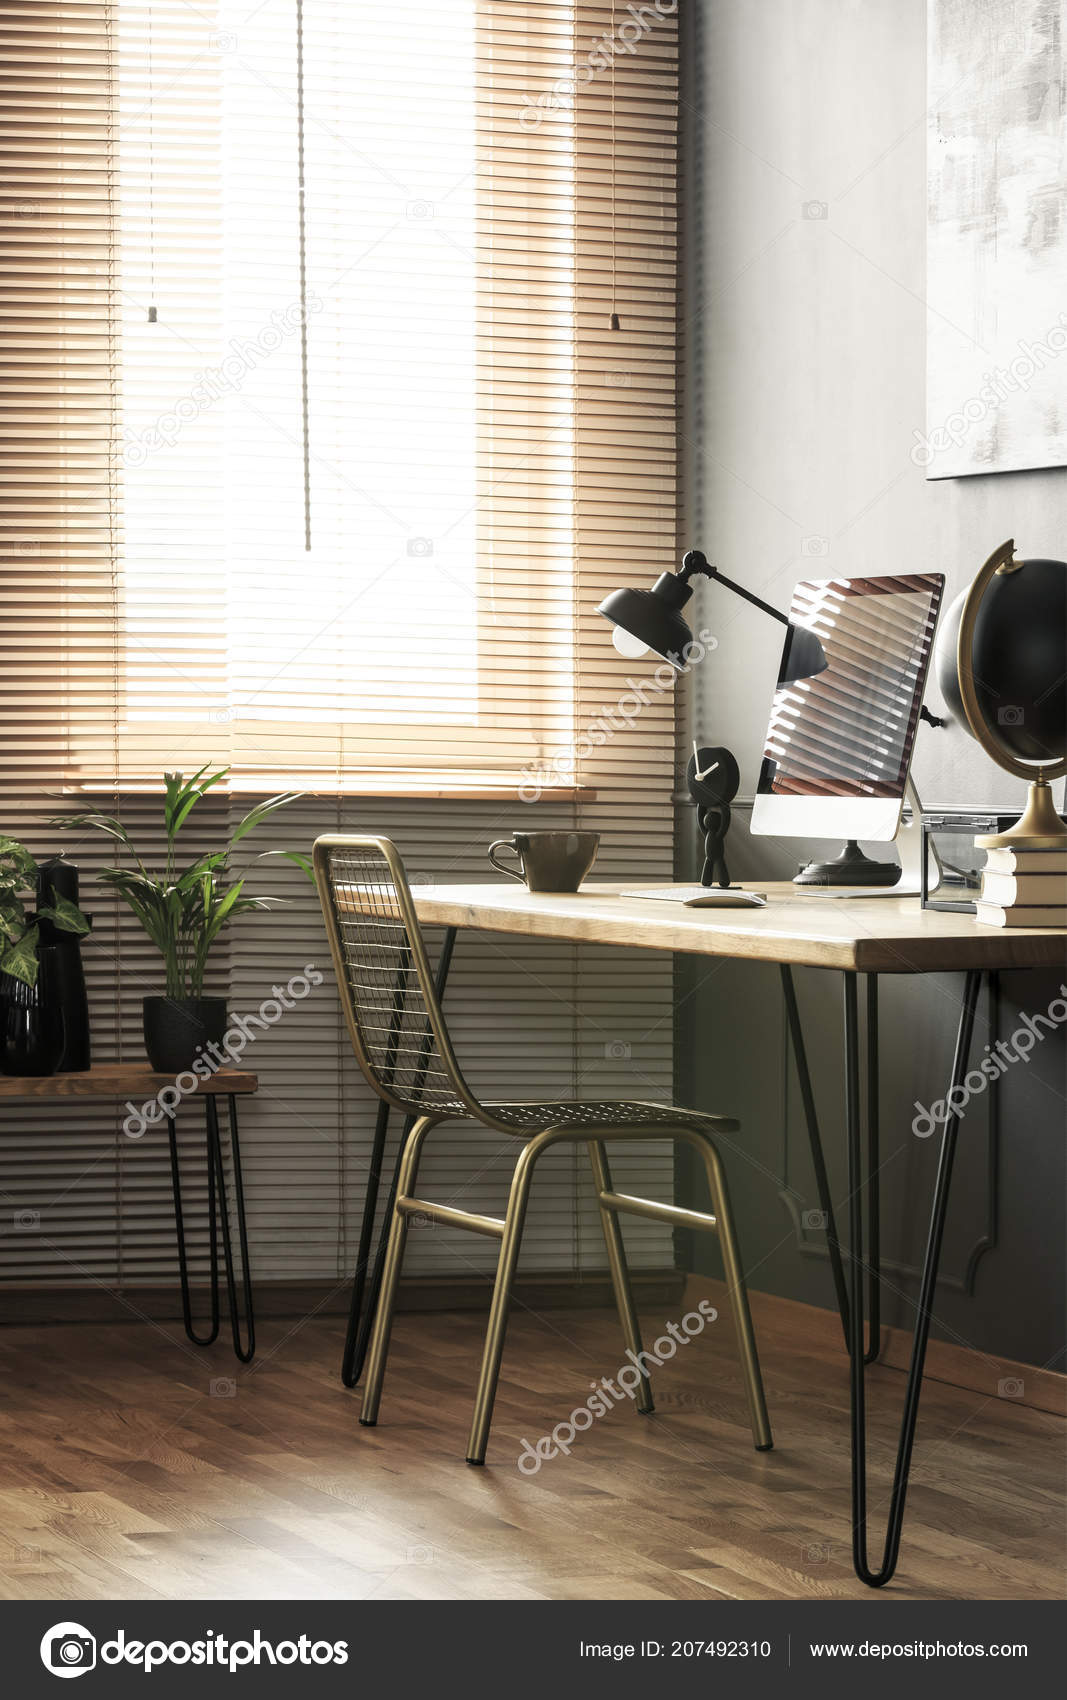 Echtes Foto Von Haarnadel Schreibtisch Mit Lampe Home Office